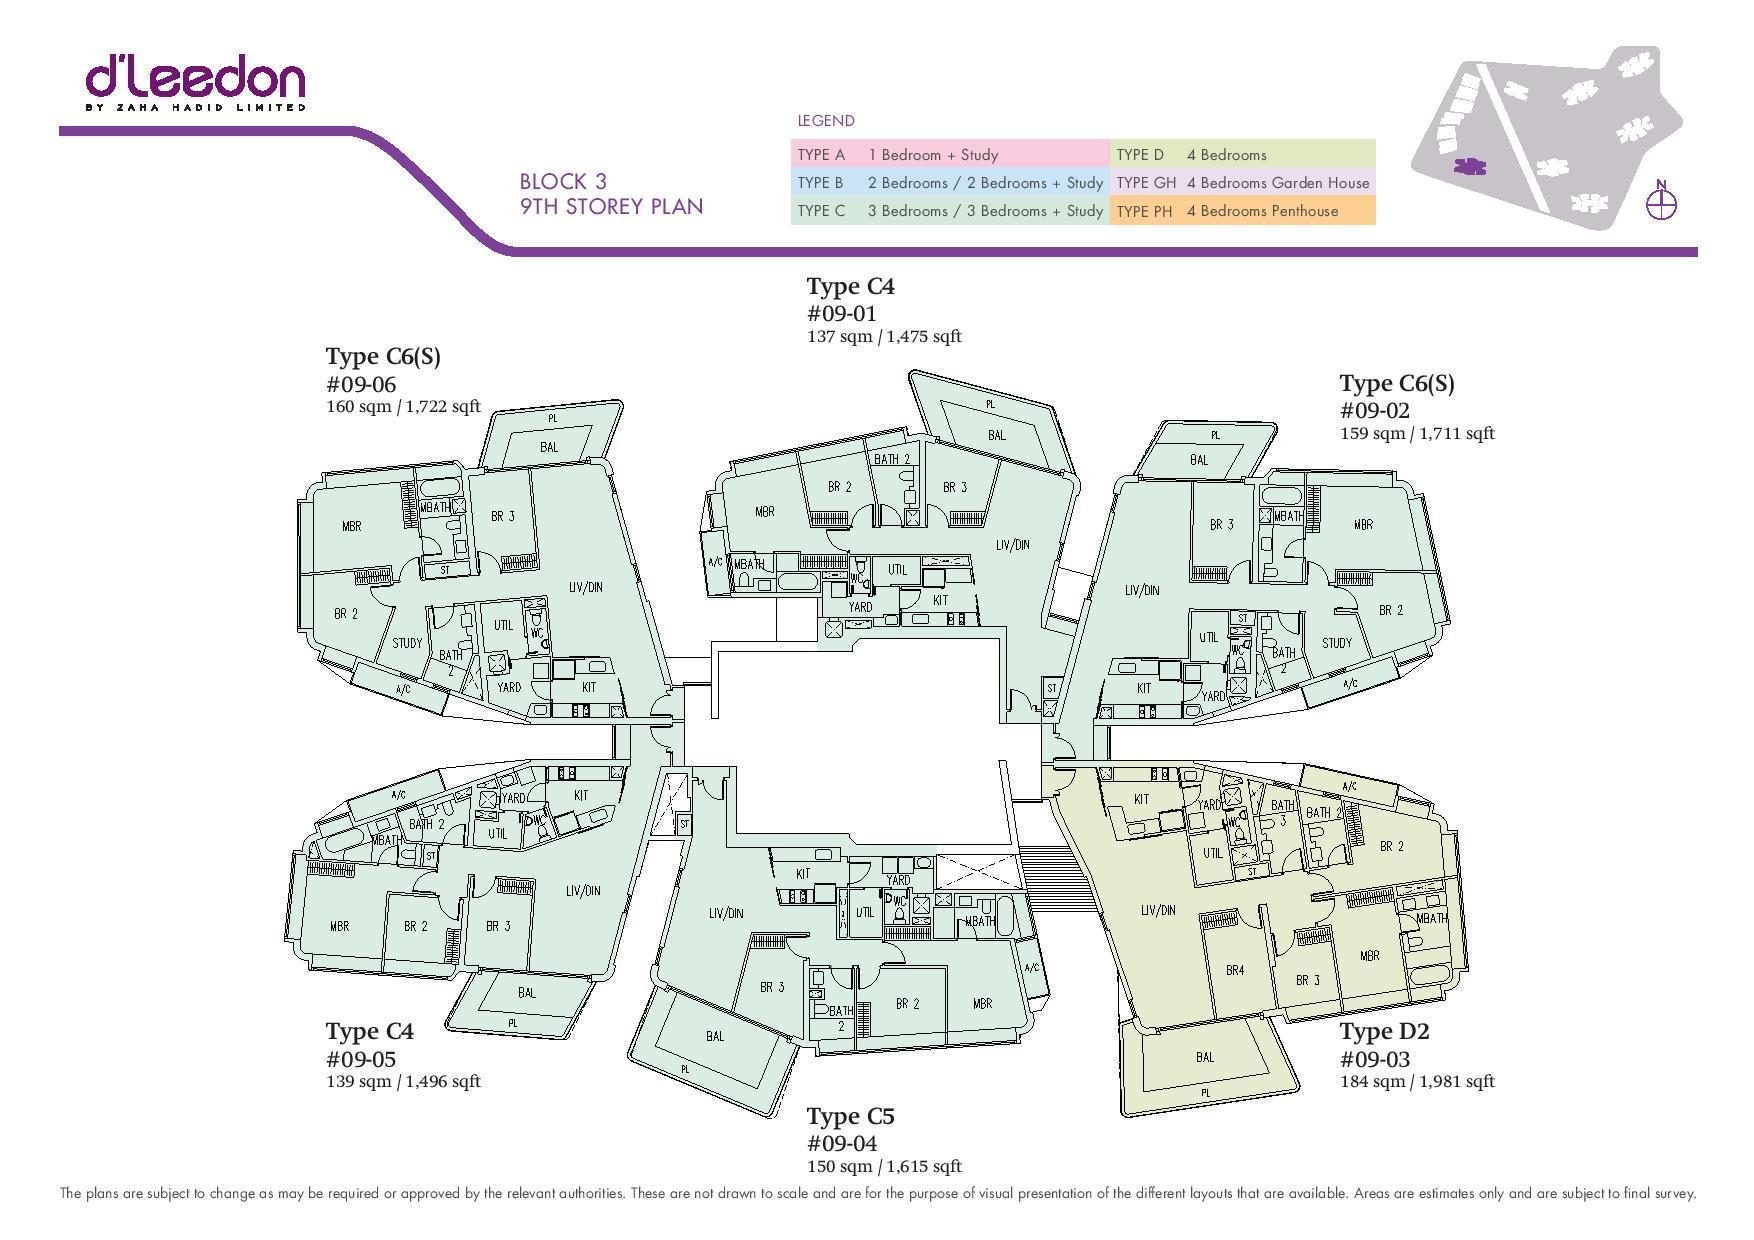 D'Leedon Block 9th Storey Floor Plans